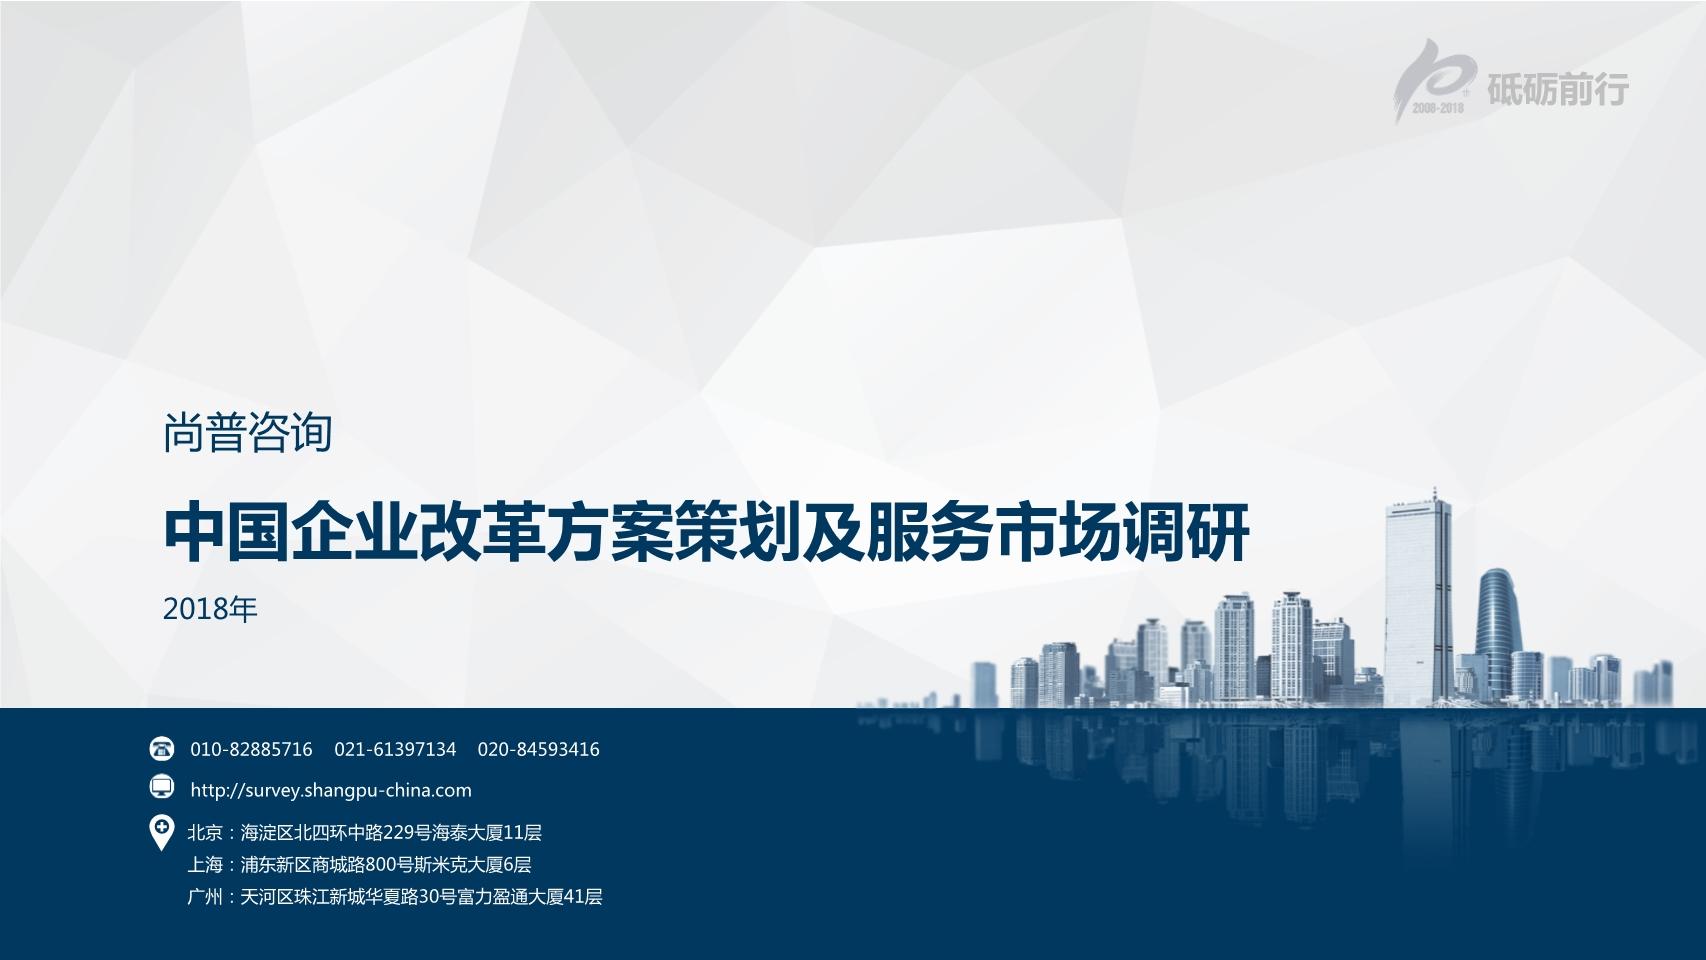 尚普咨询-中国企业改革方案策划及服务市场调研